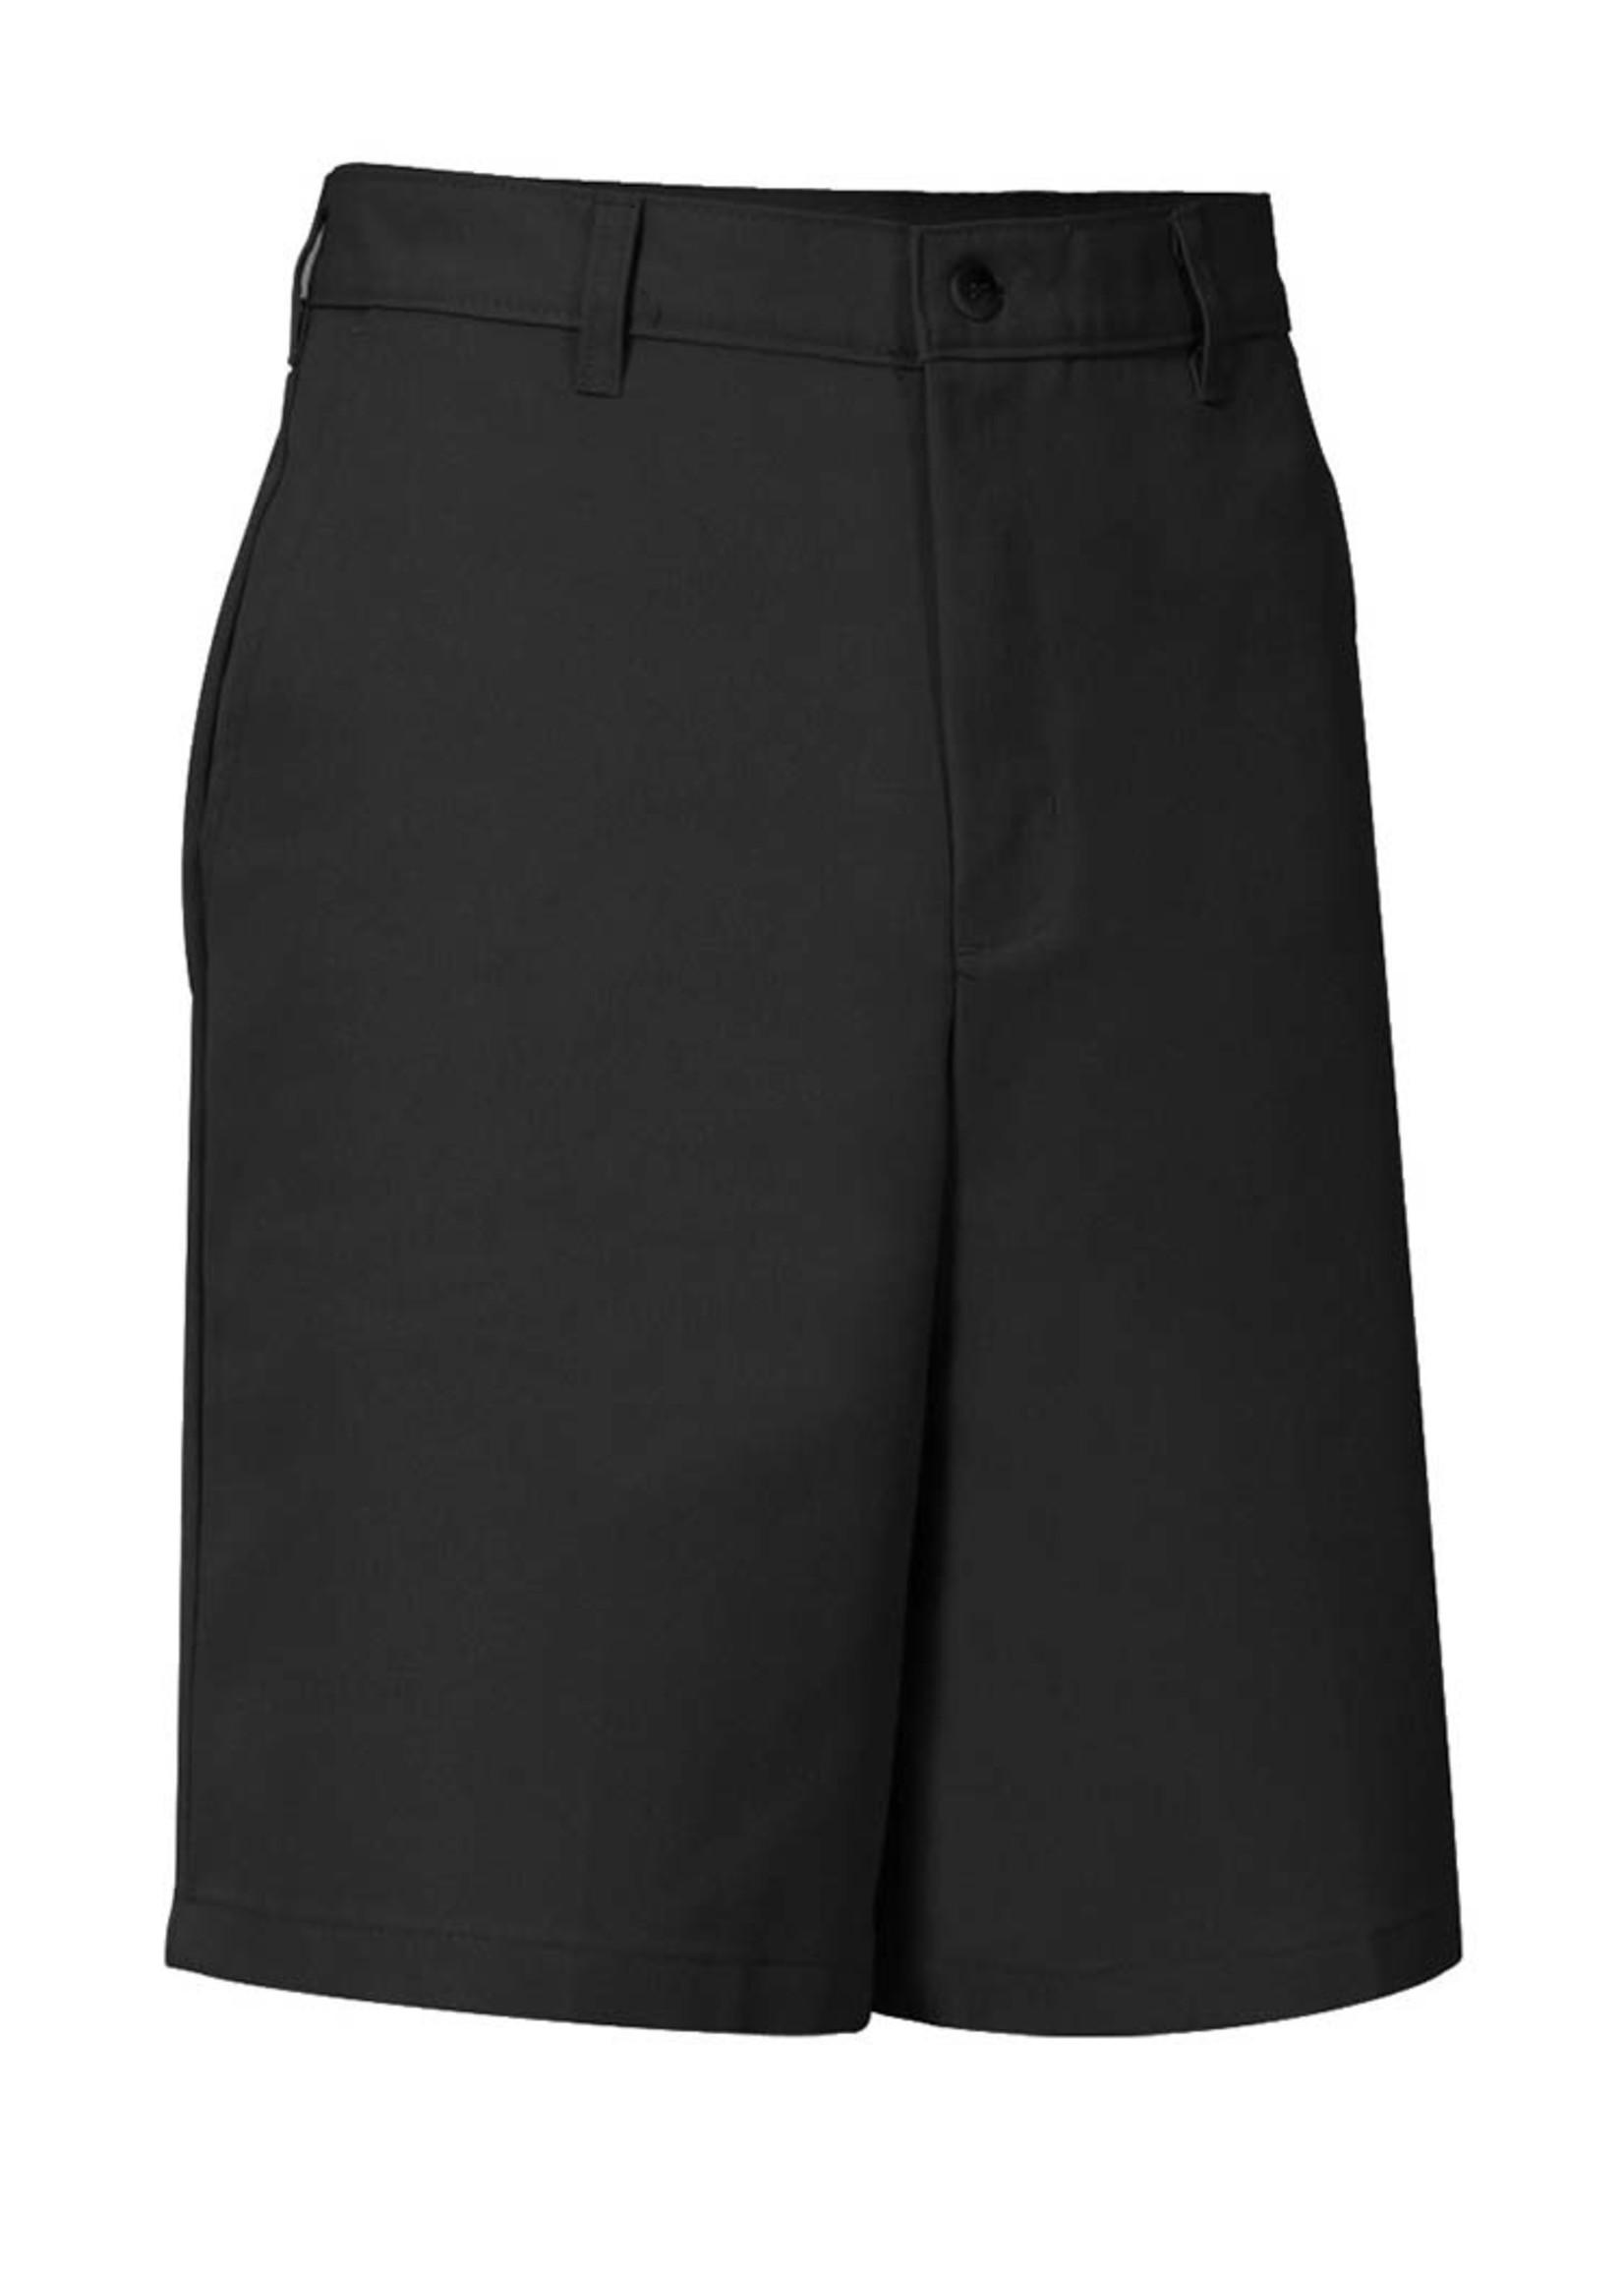 A+ Mens Black Flat Front Shorts